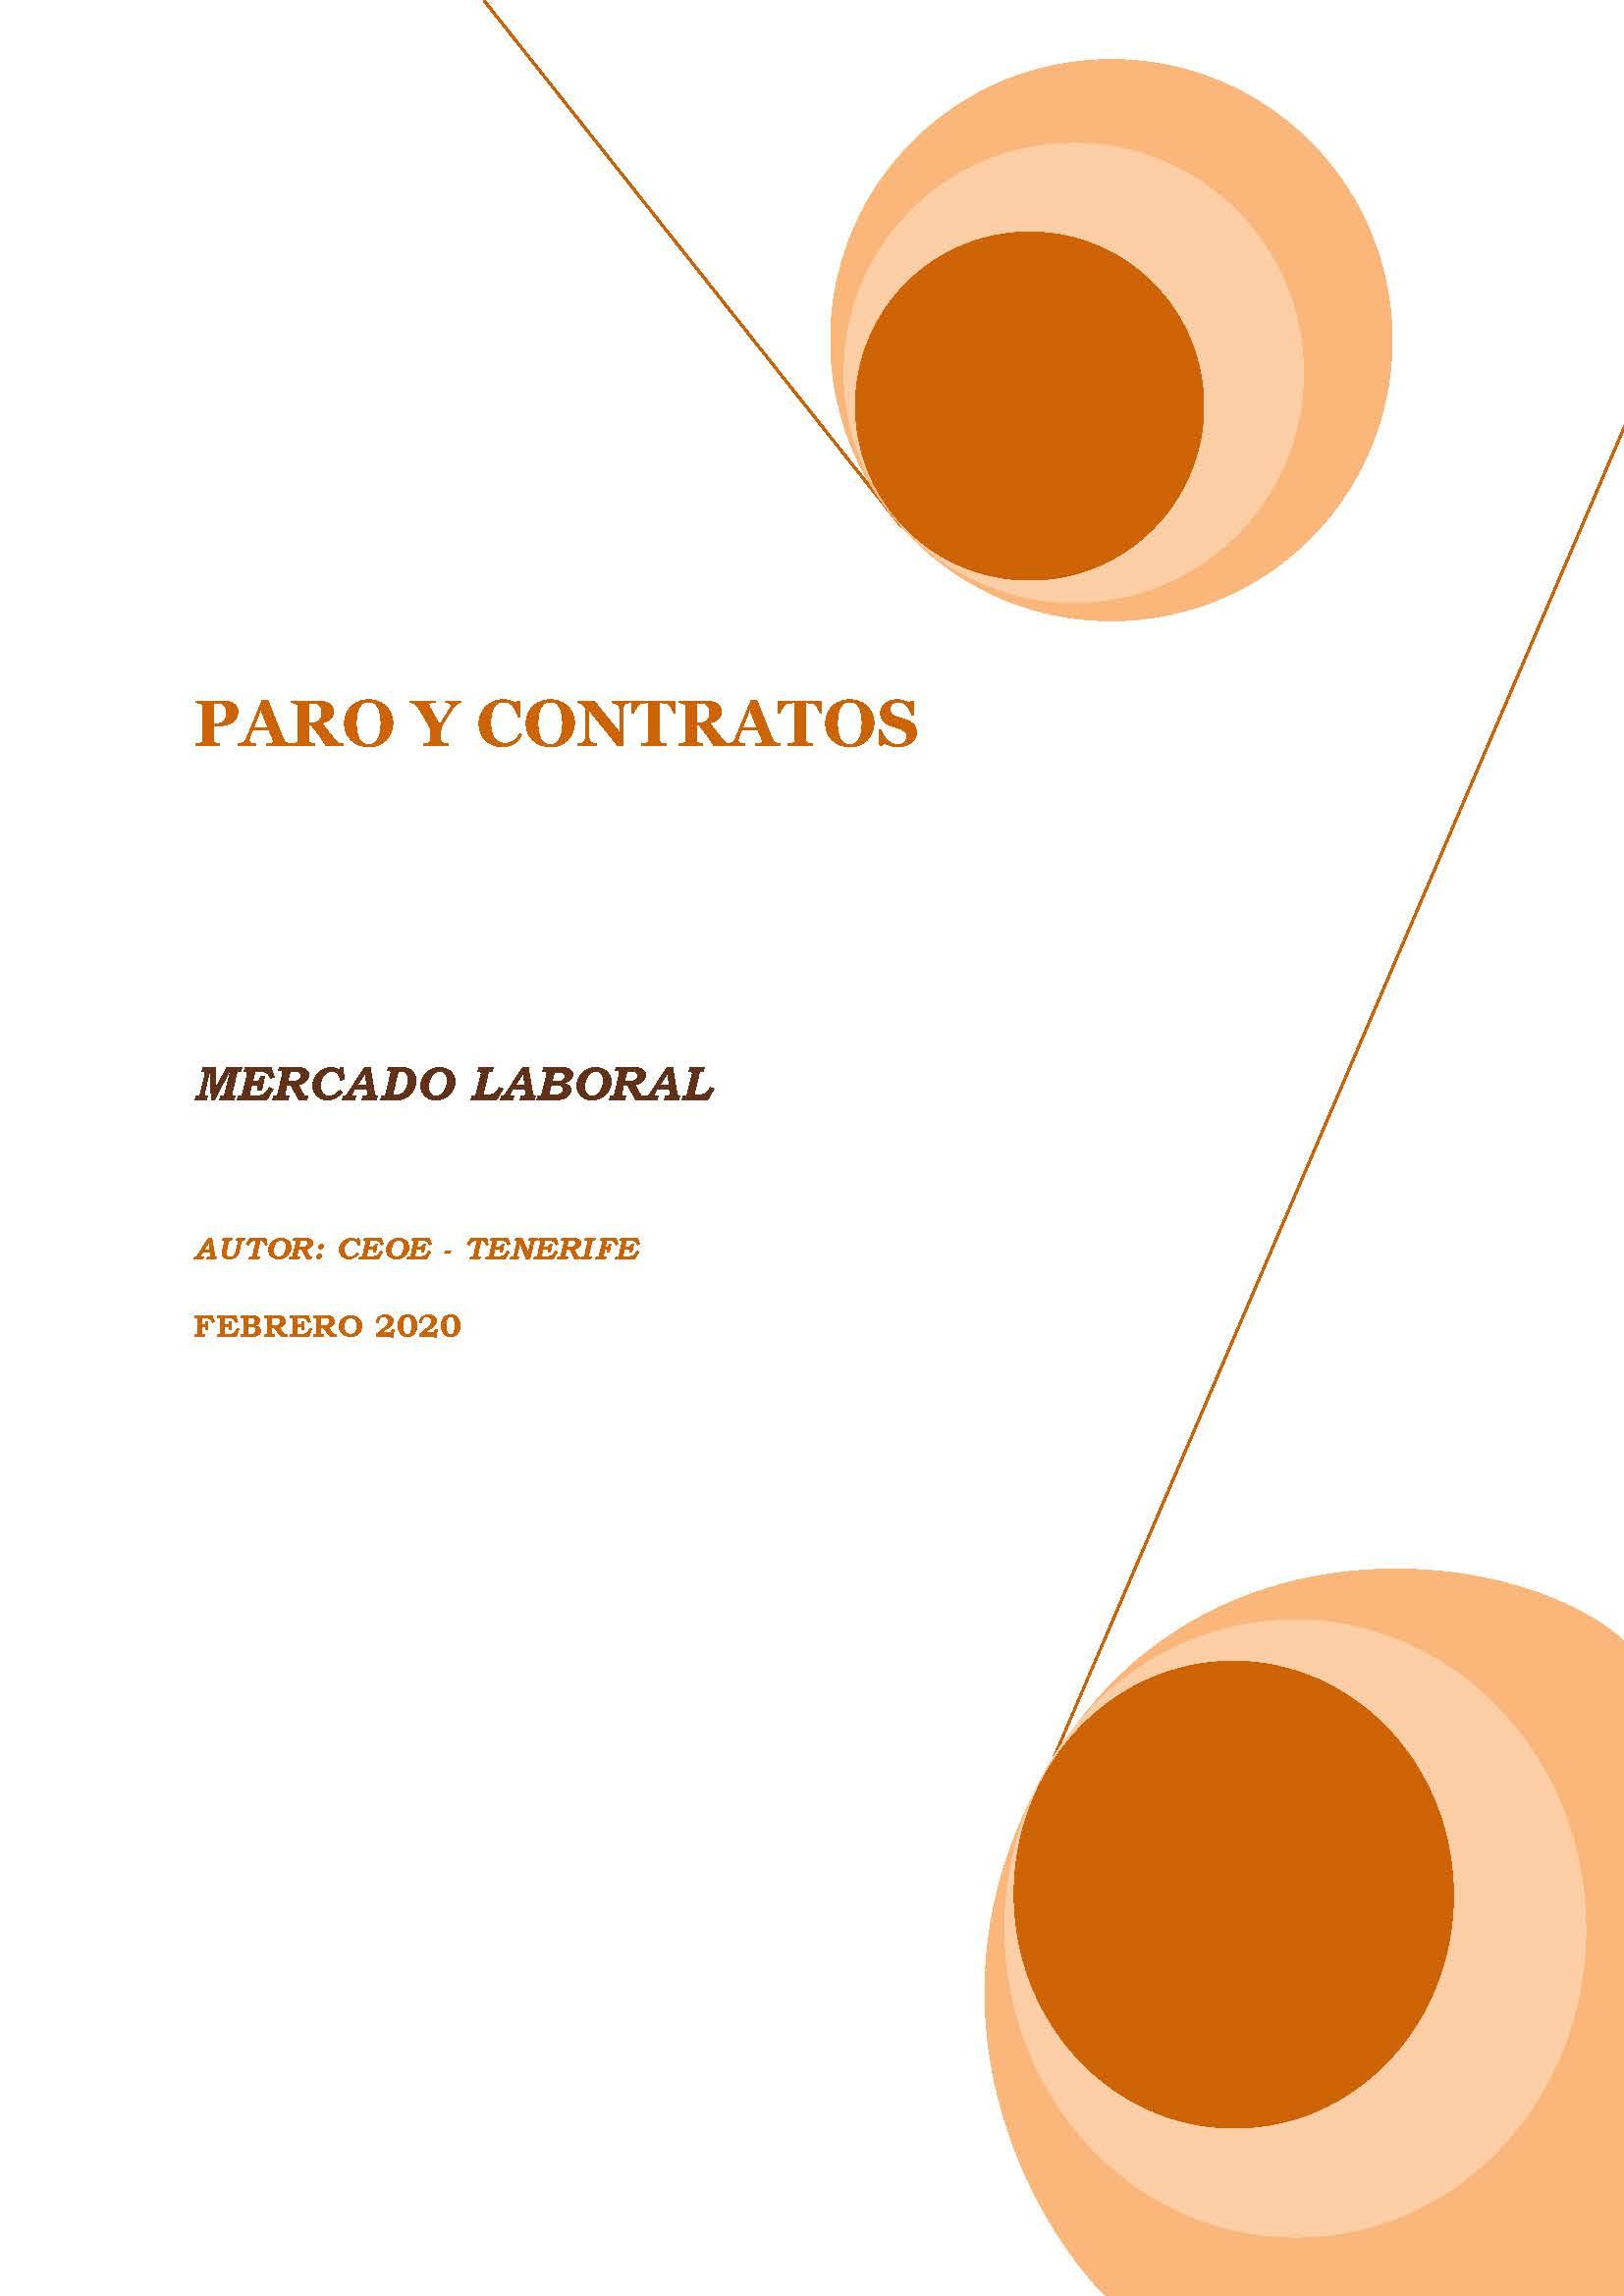 MERCADO LABORAL - PARO Y CONTRATOS FEBRERO 2020